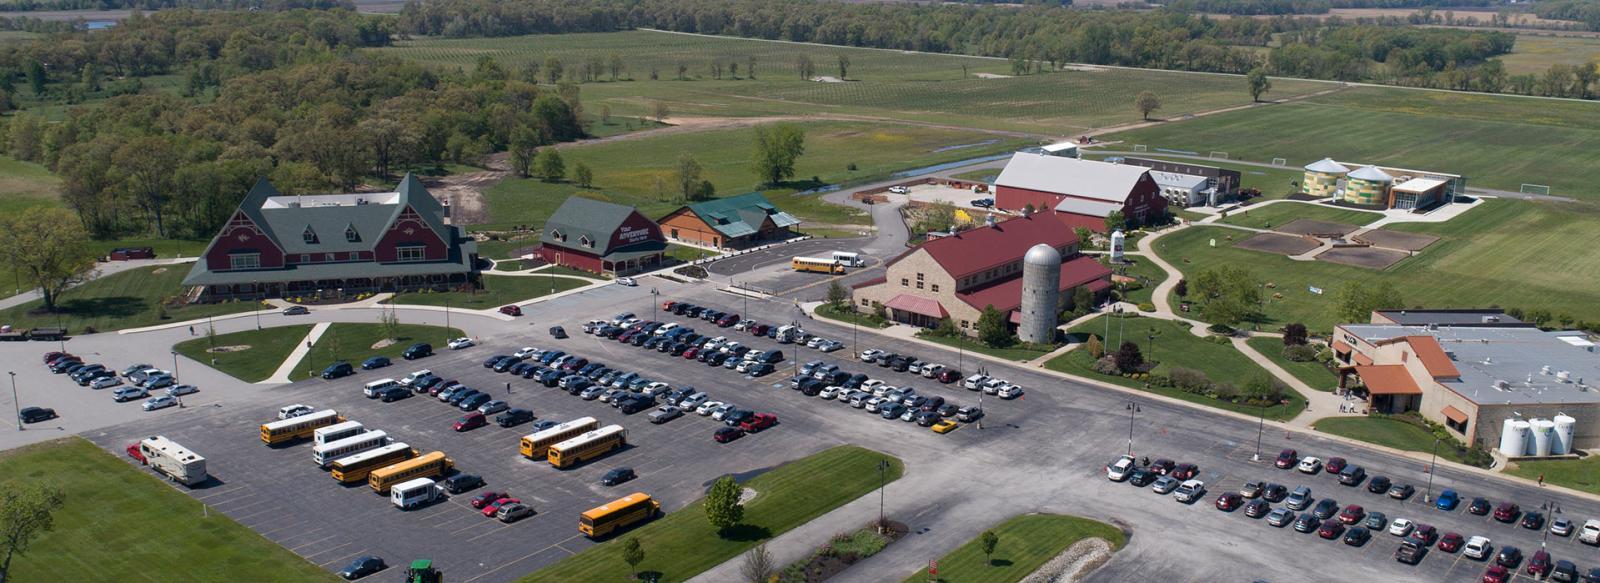 Fair Oaks Farms aerial shot